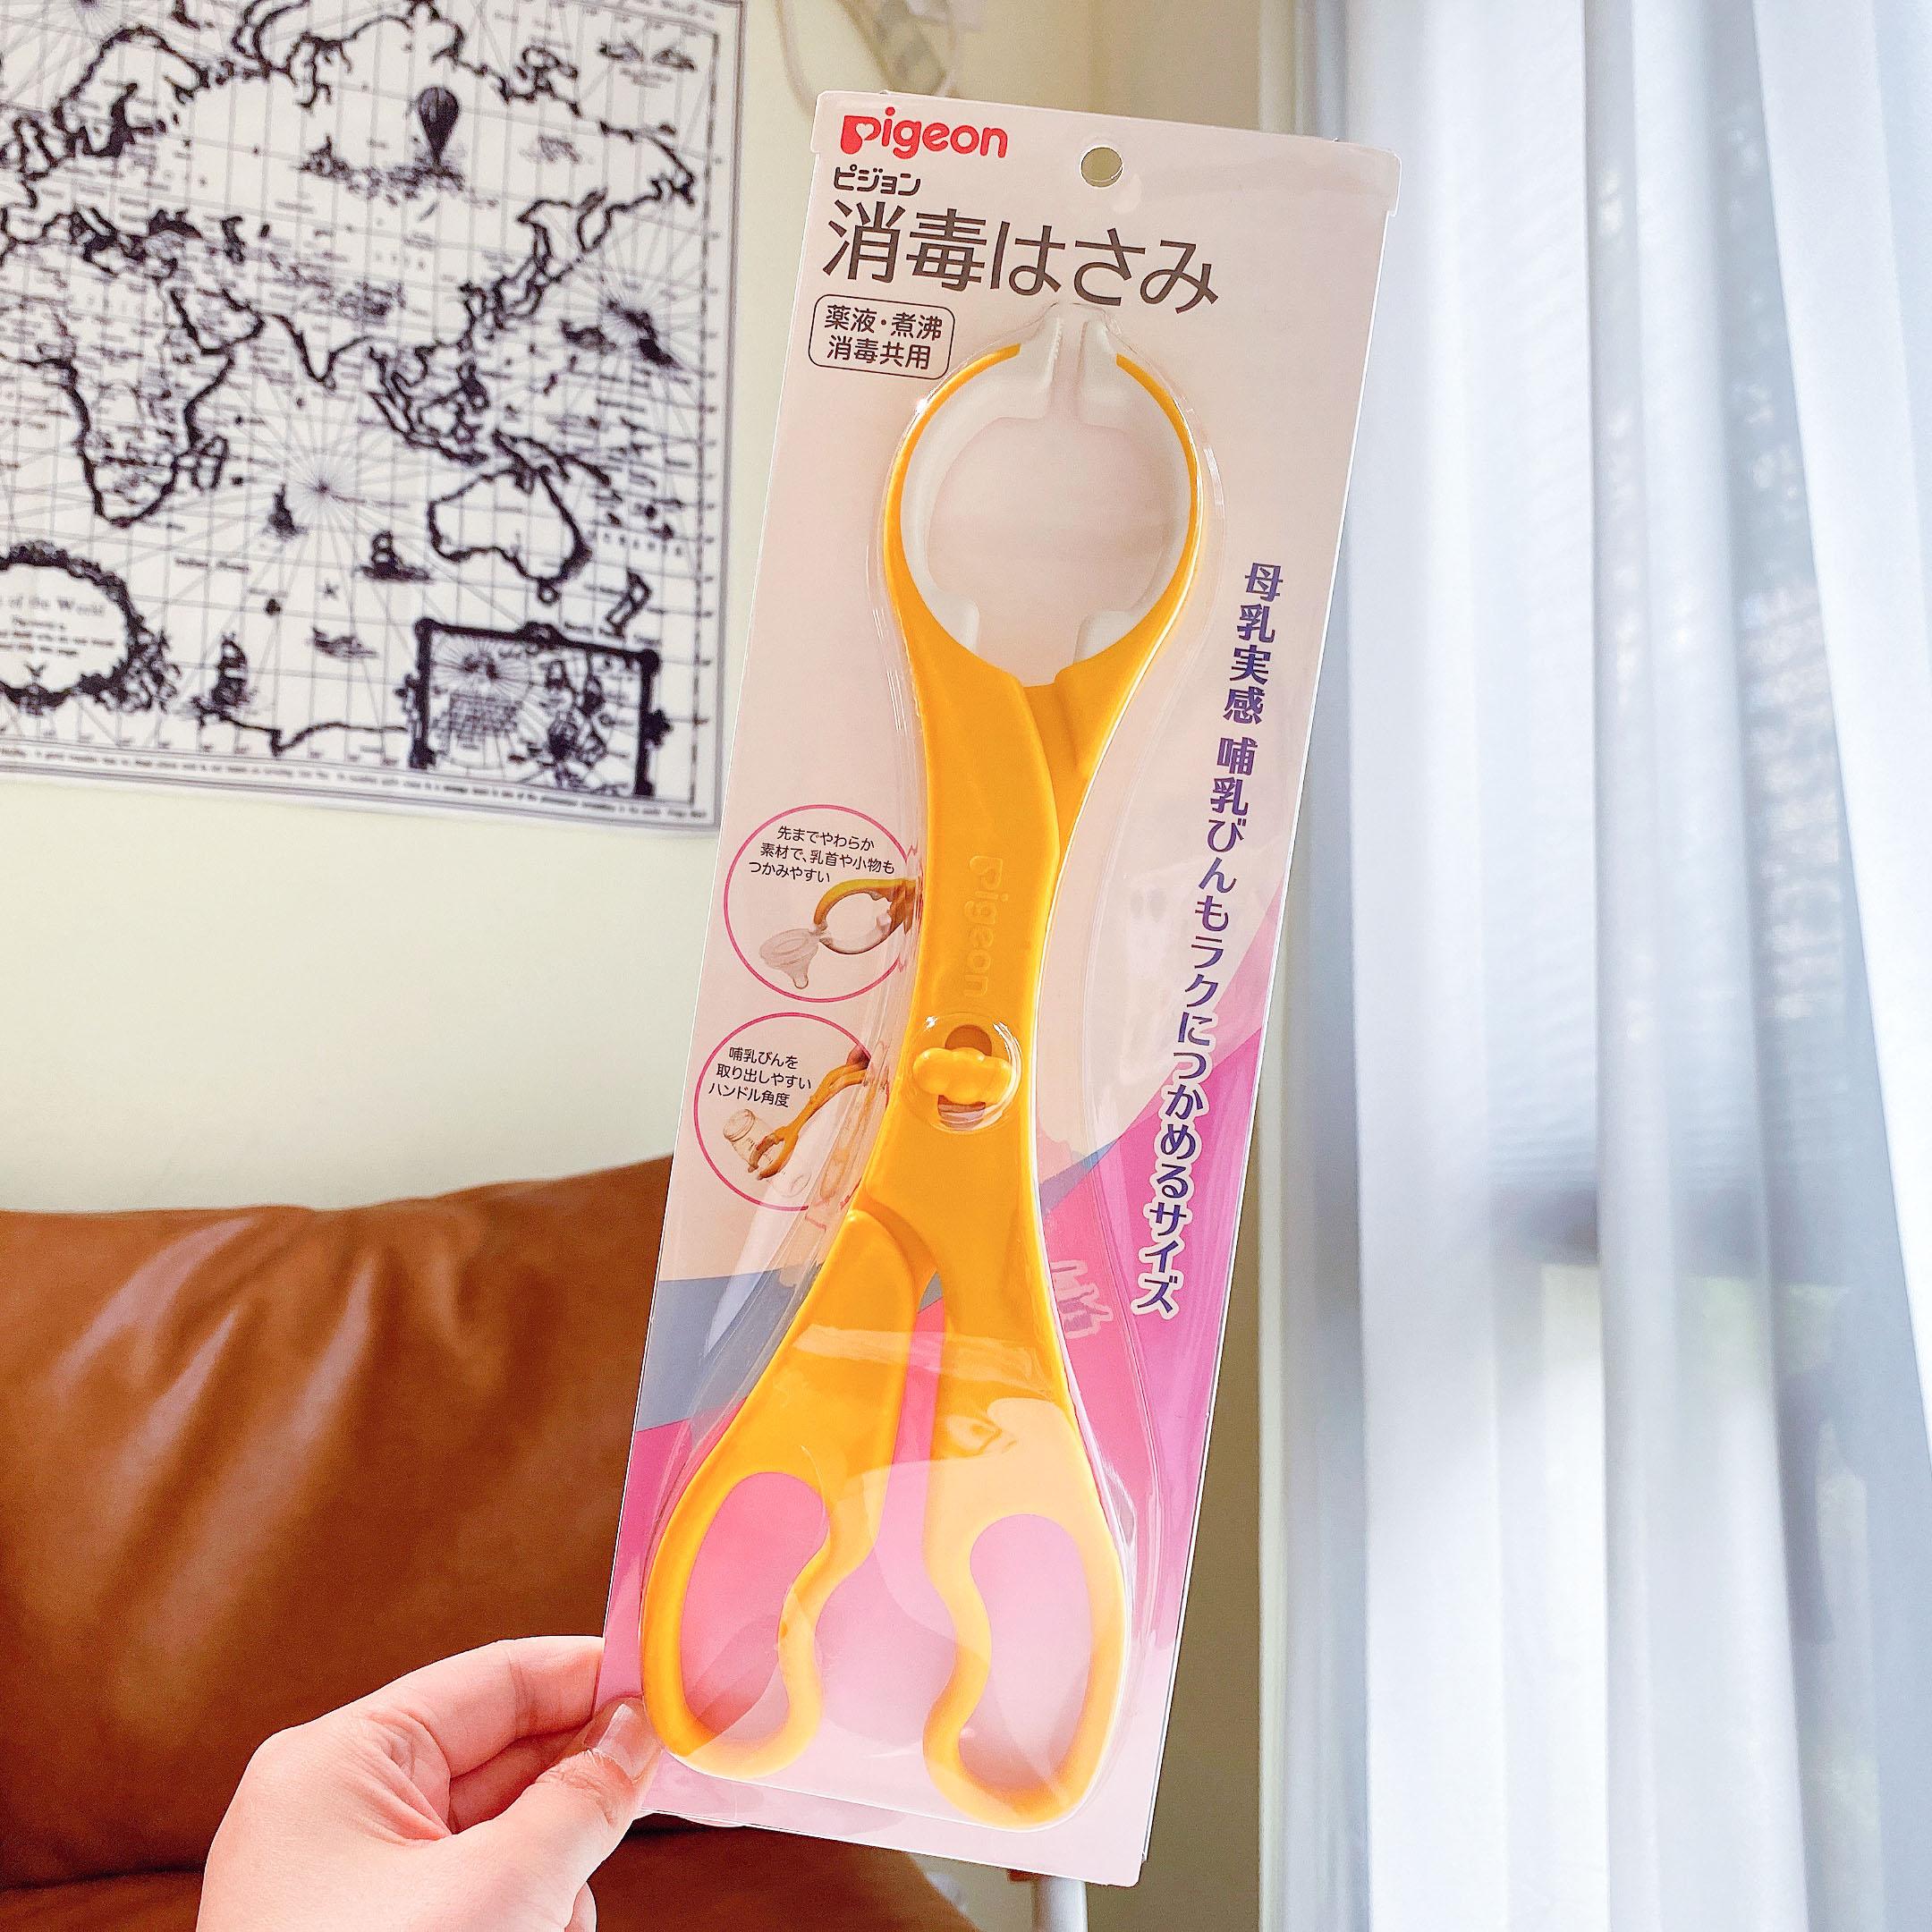 日本本土原装贝亲婴幼儿奶瓶夹奶嘴钳消毒专用防烫防滑不锈钢 Изображение 1